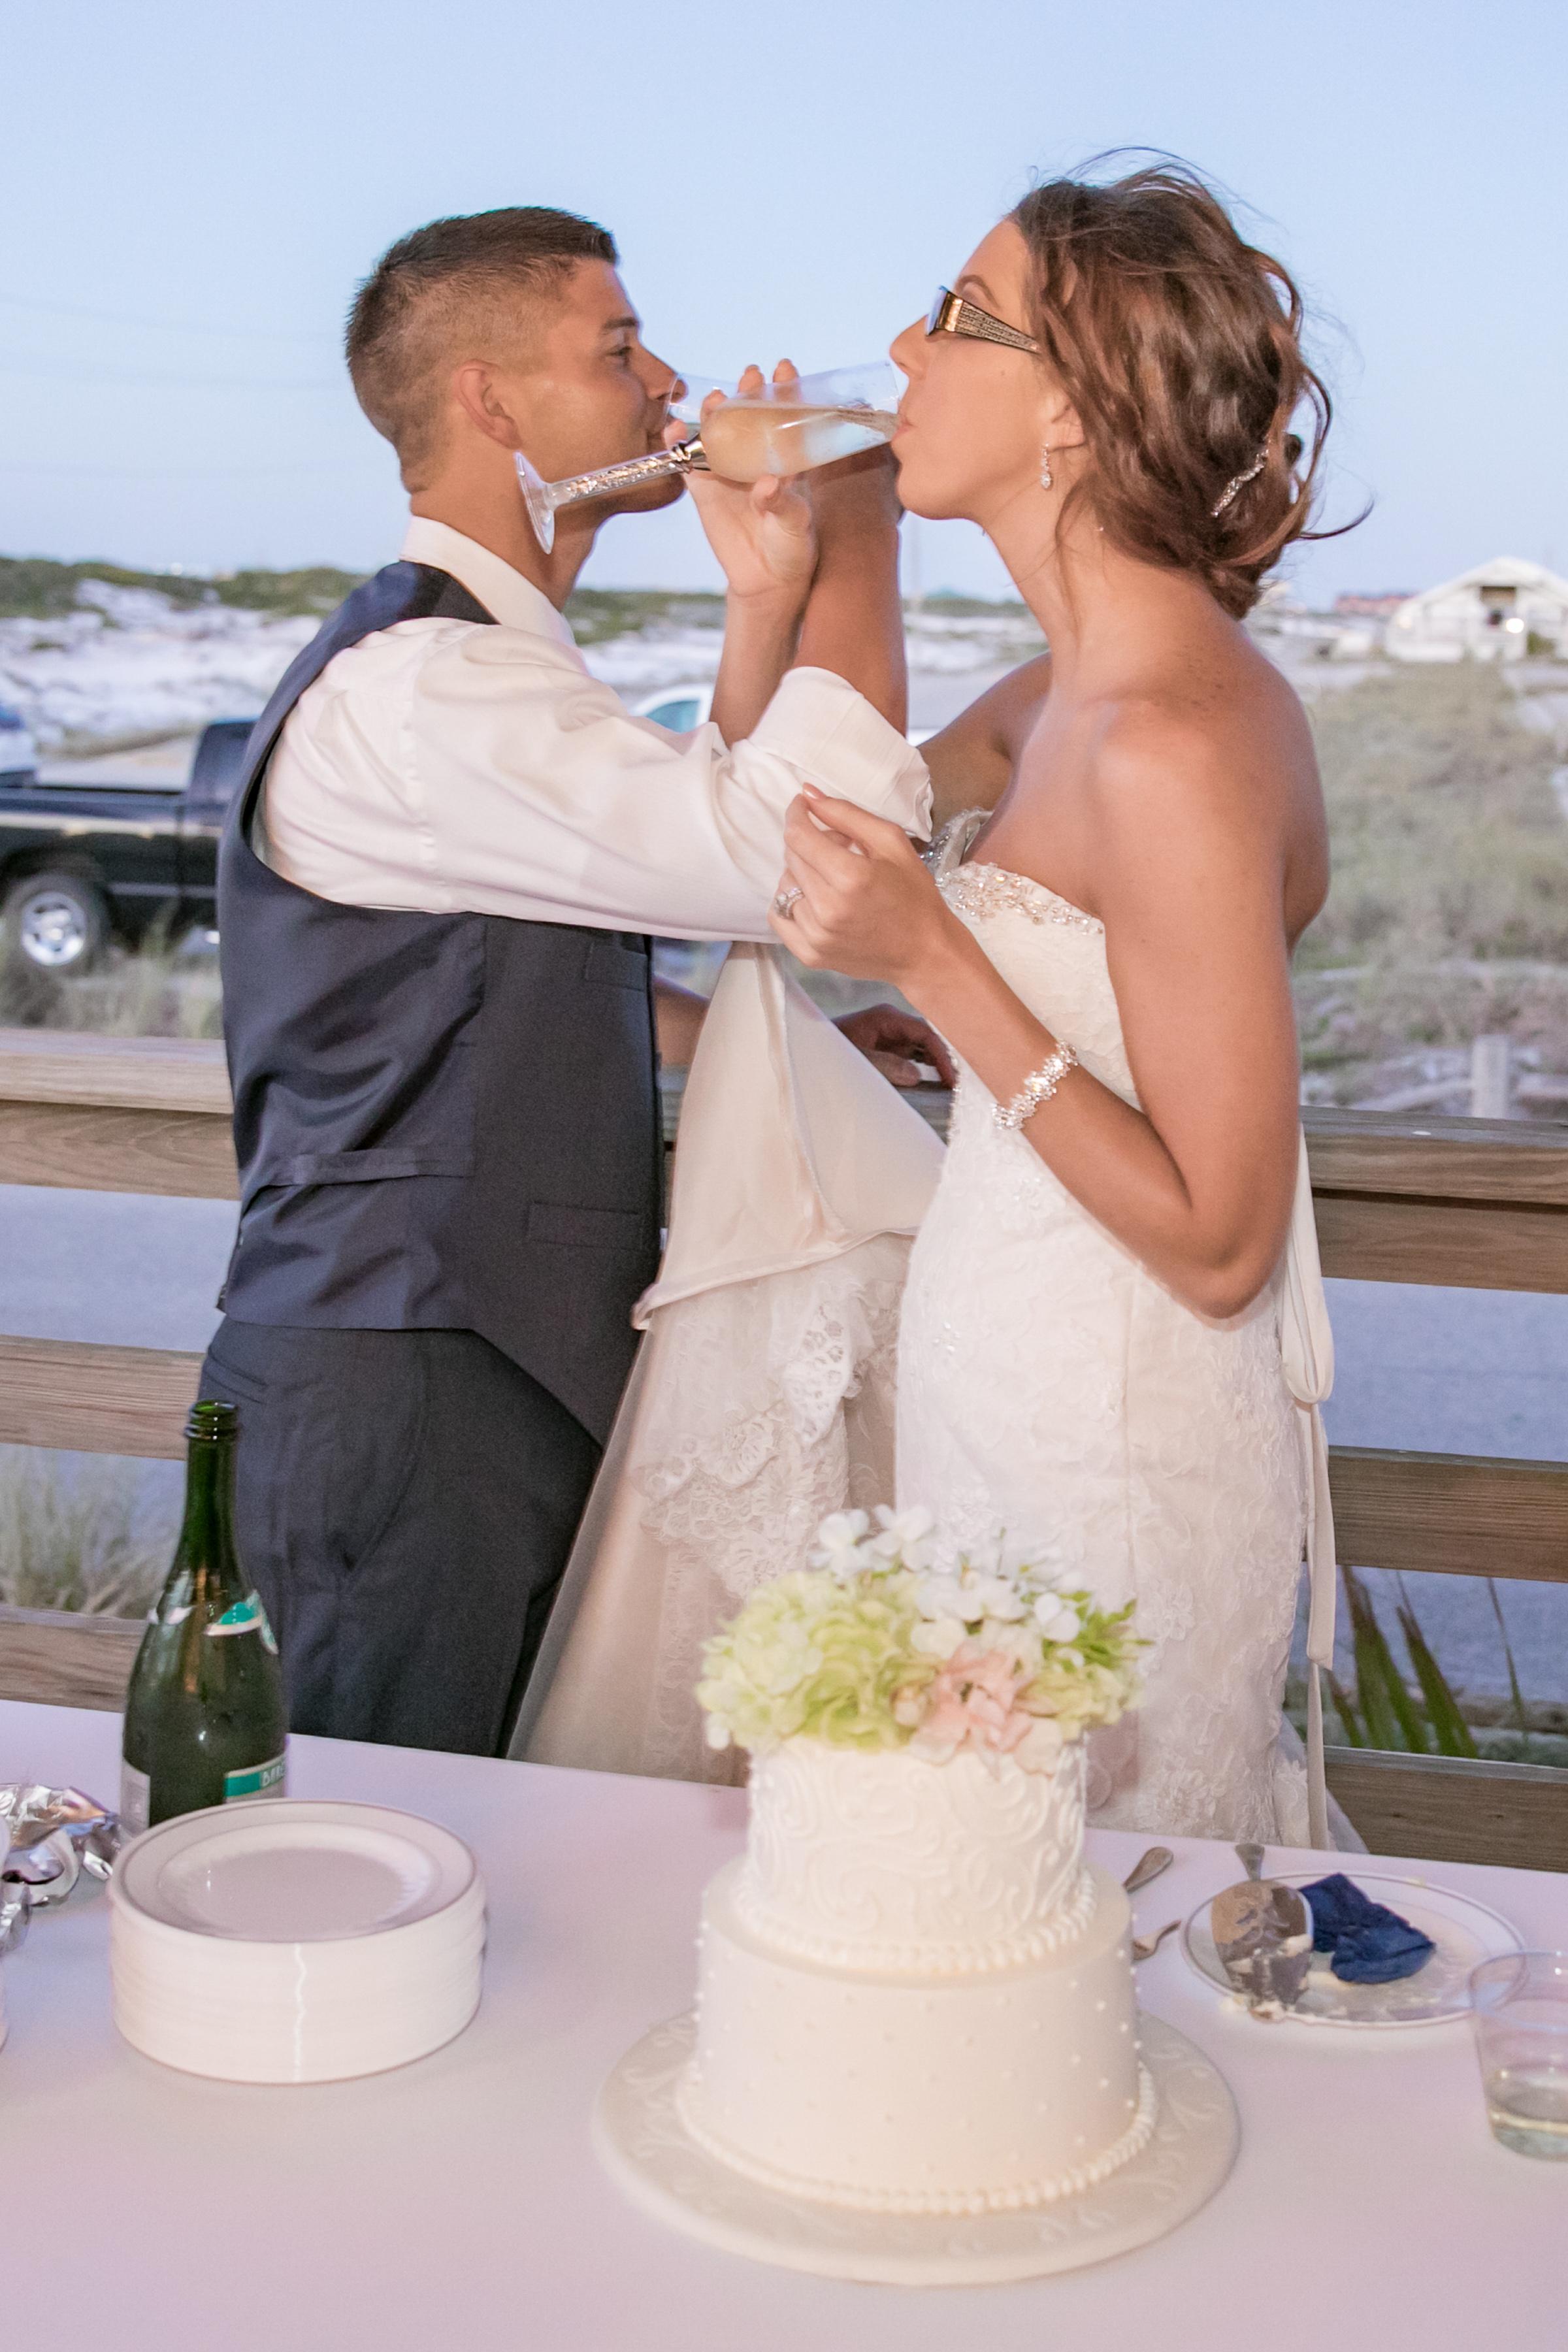 destin beach wedding package picture89_ (4).jpg